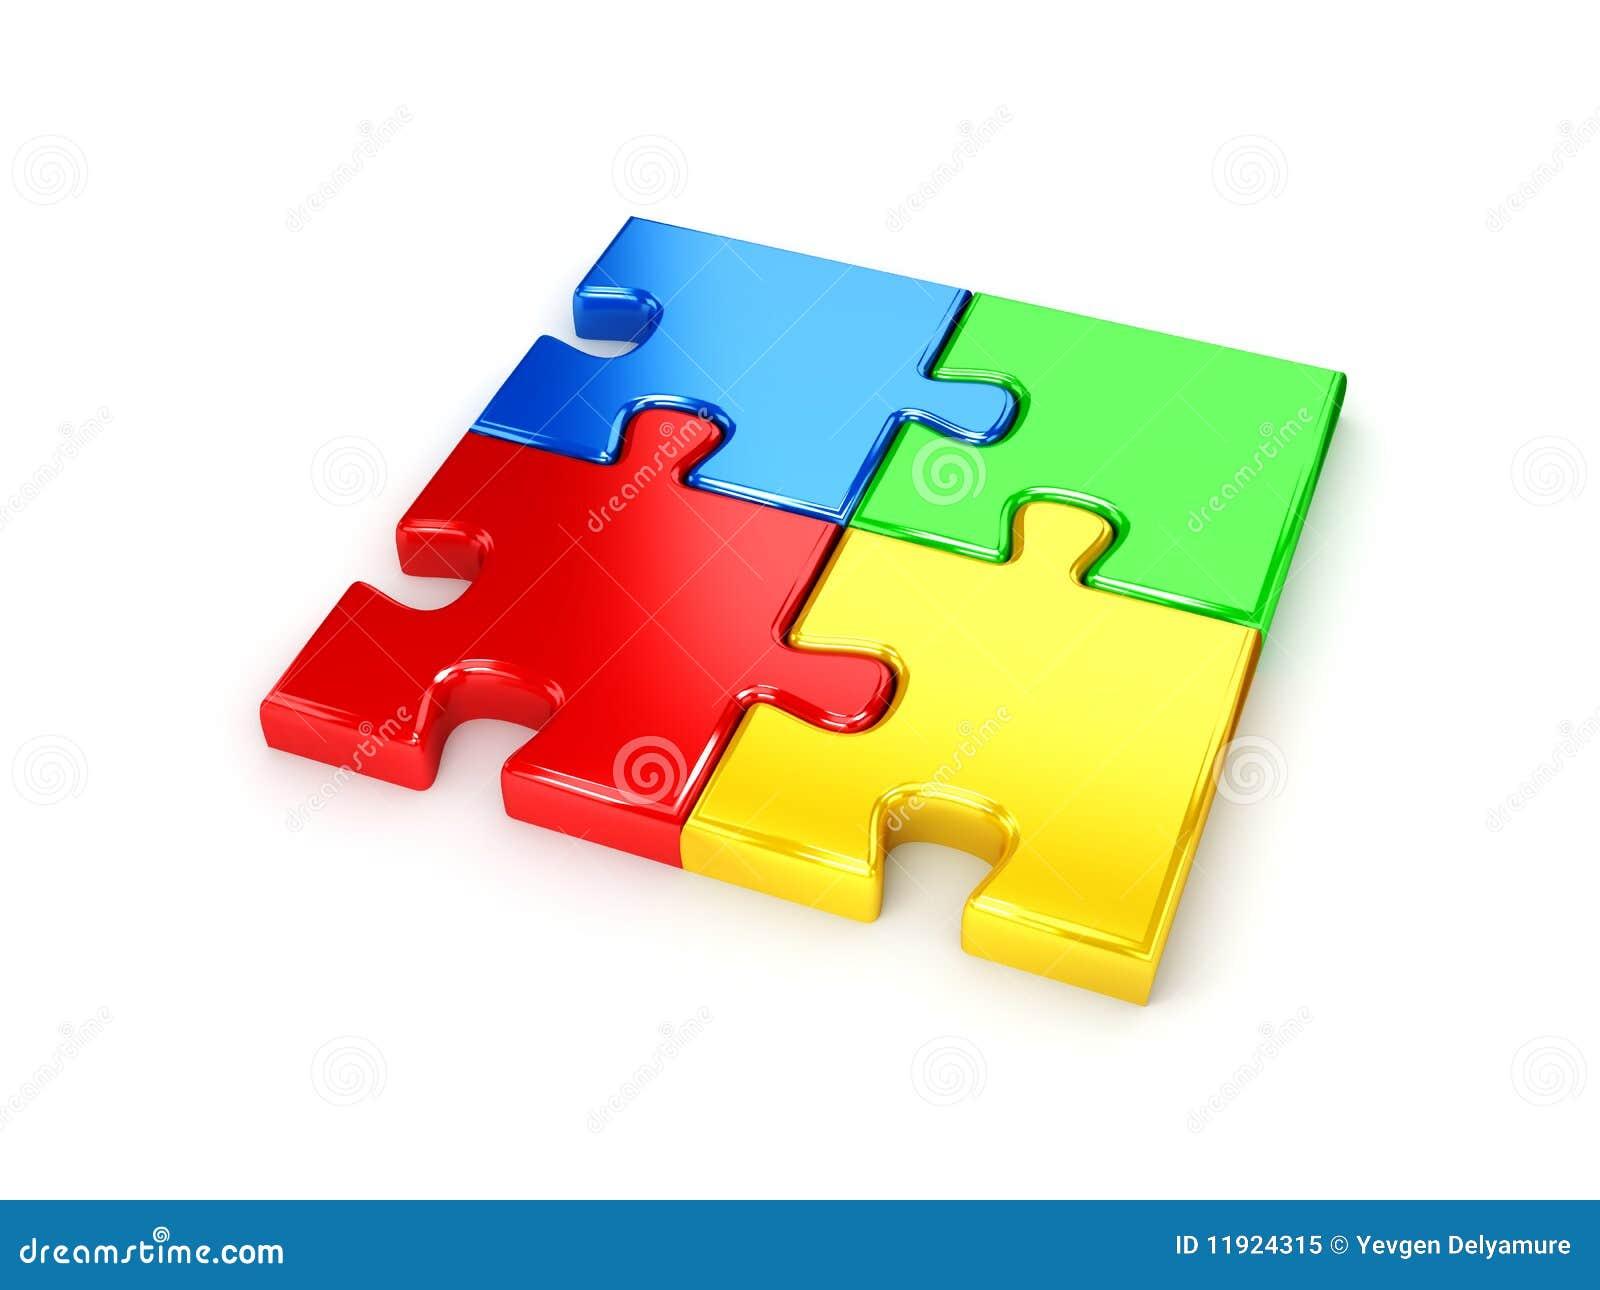 Gelöstes Puzzlespiel Von Der Blauen, Roten, Grünen Und Gelben Torte ...